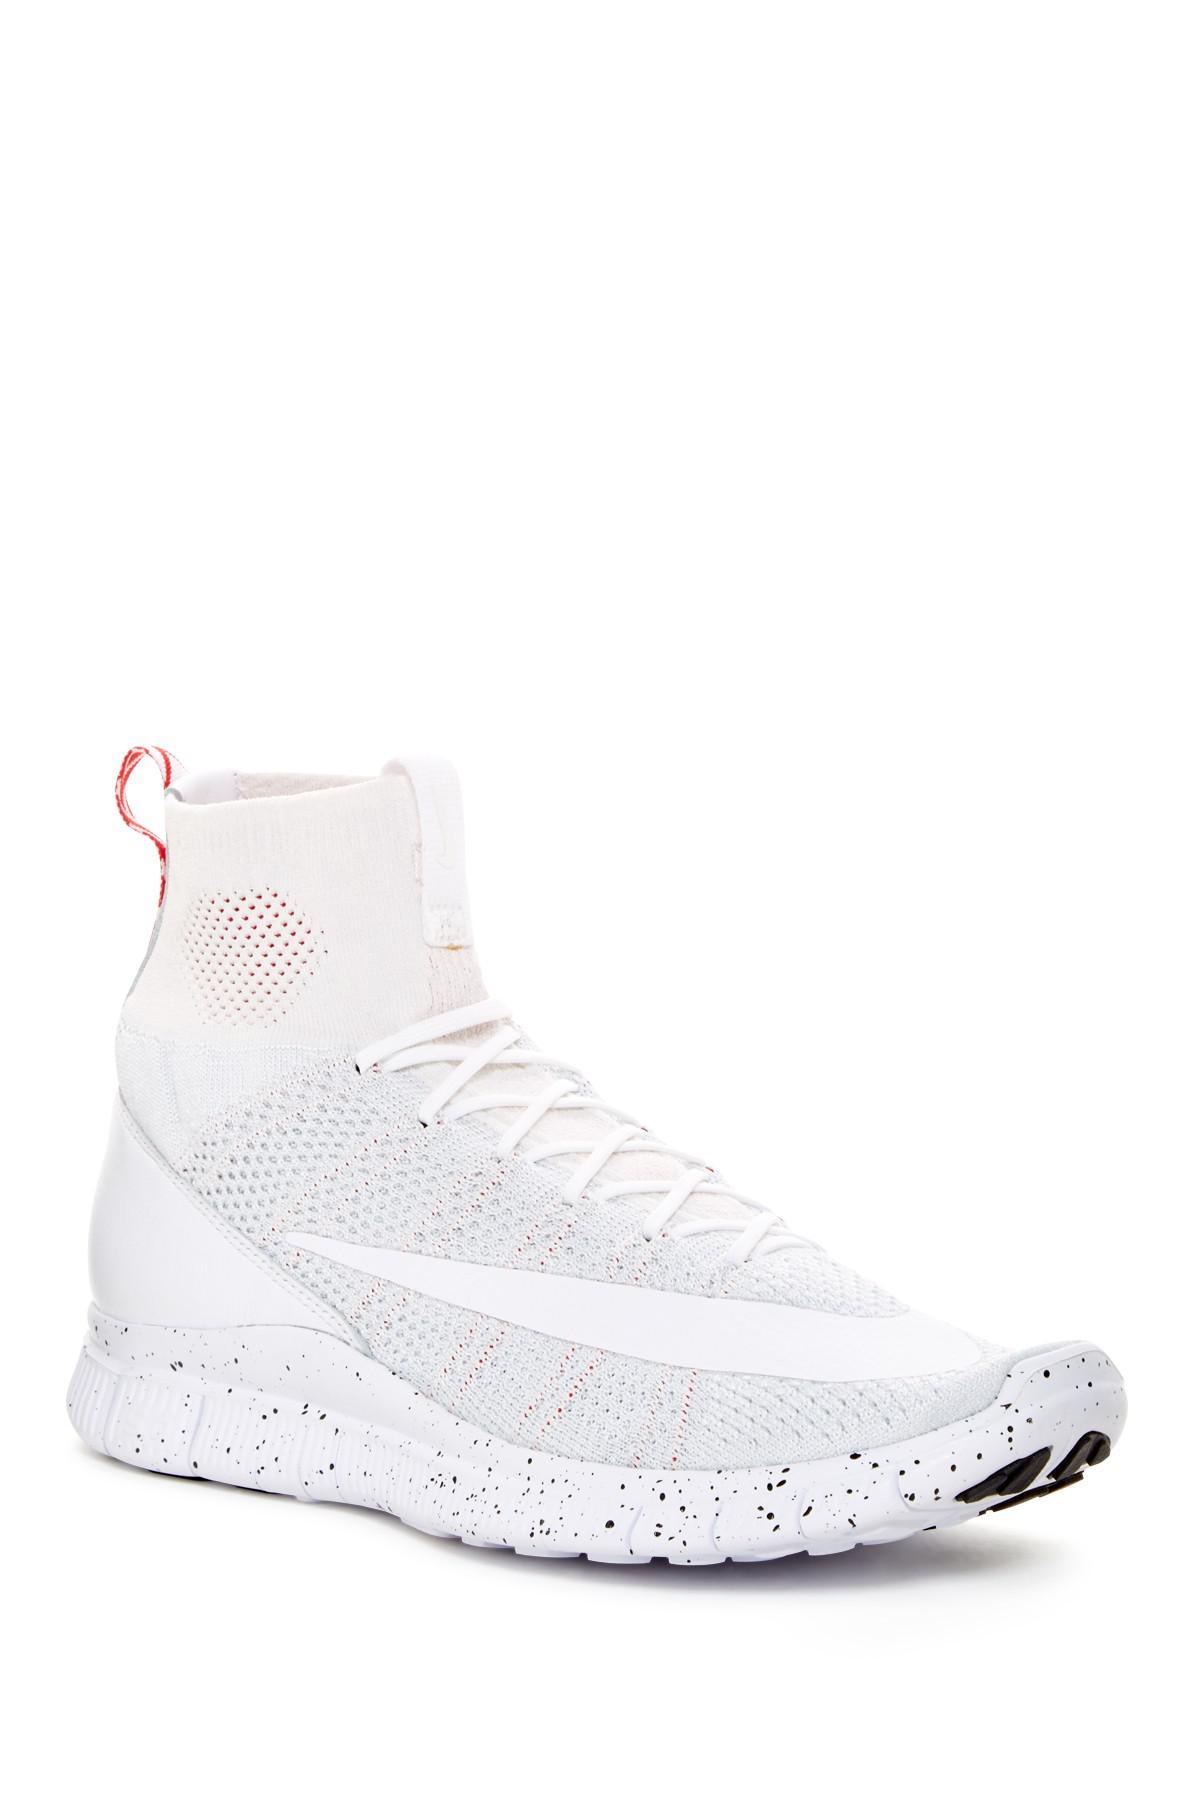 Zapatilla Mercurial Flyknit Nike Free Flyknit Mercurial Lyst En Blanco Para Hombres e890c8